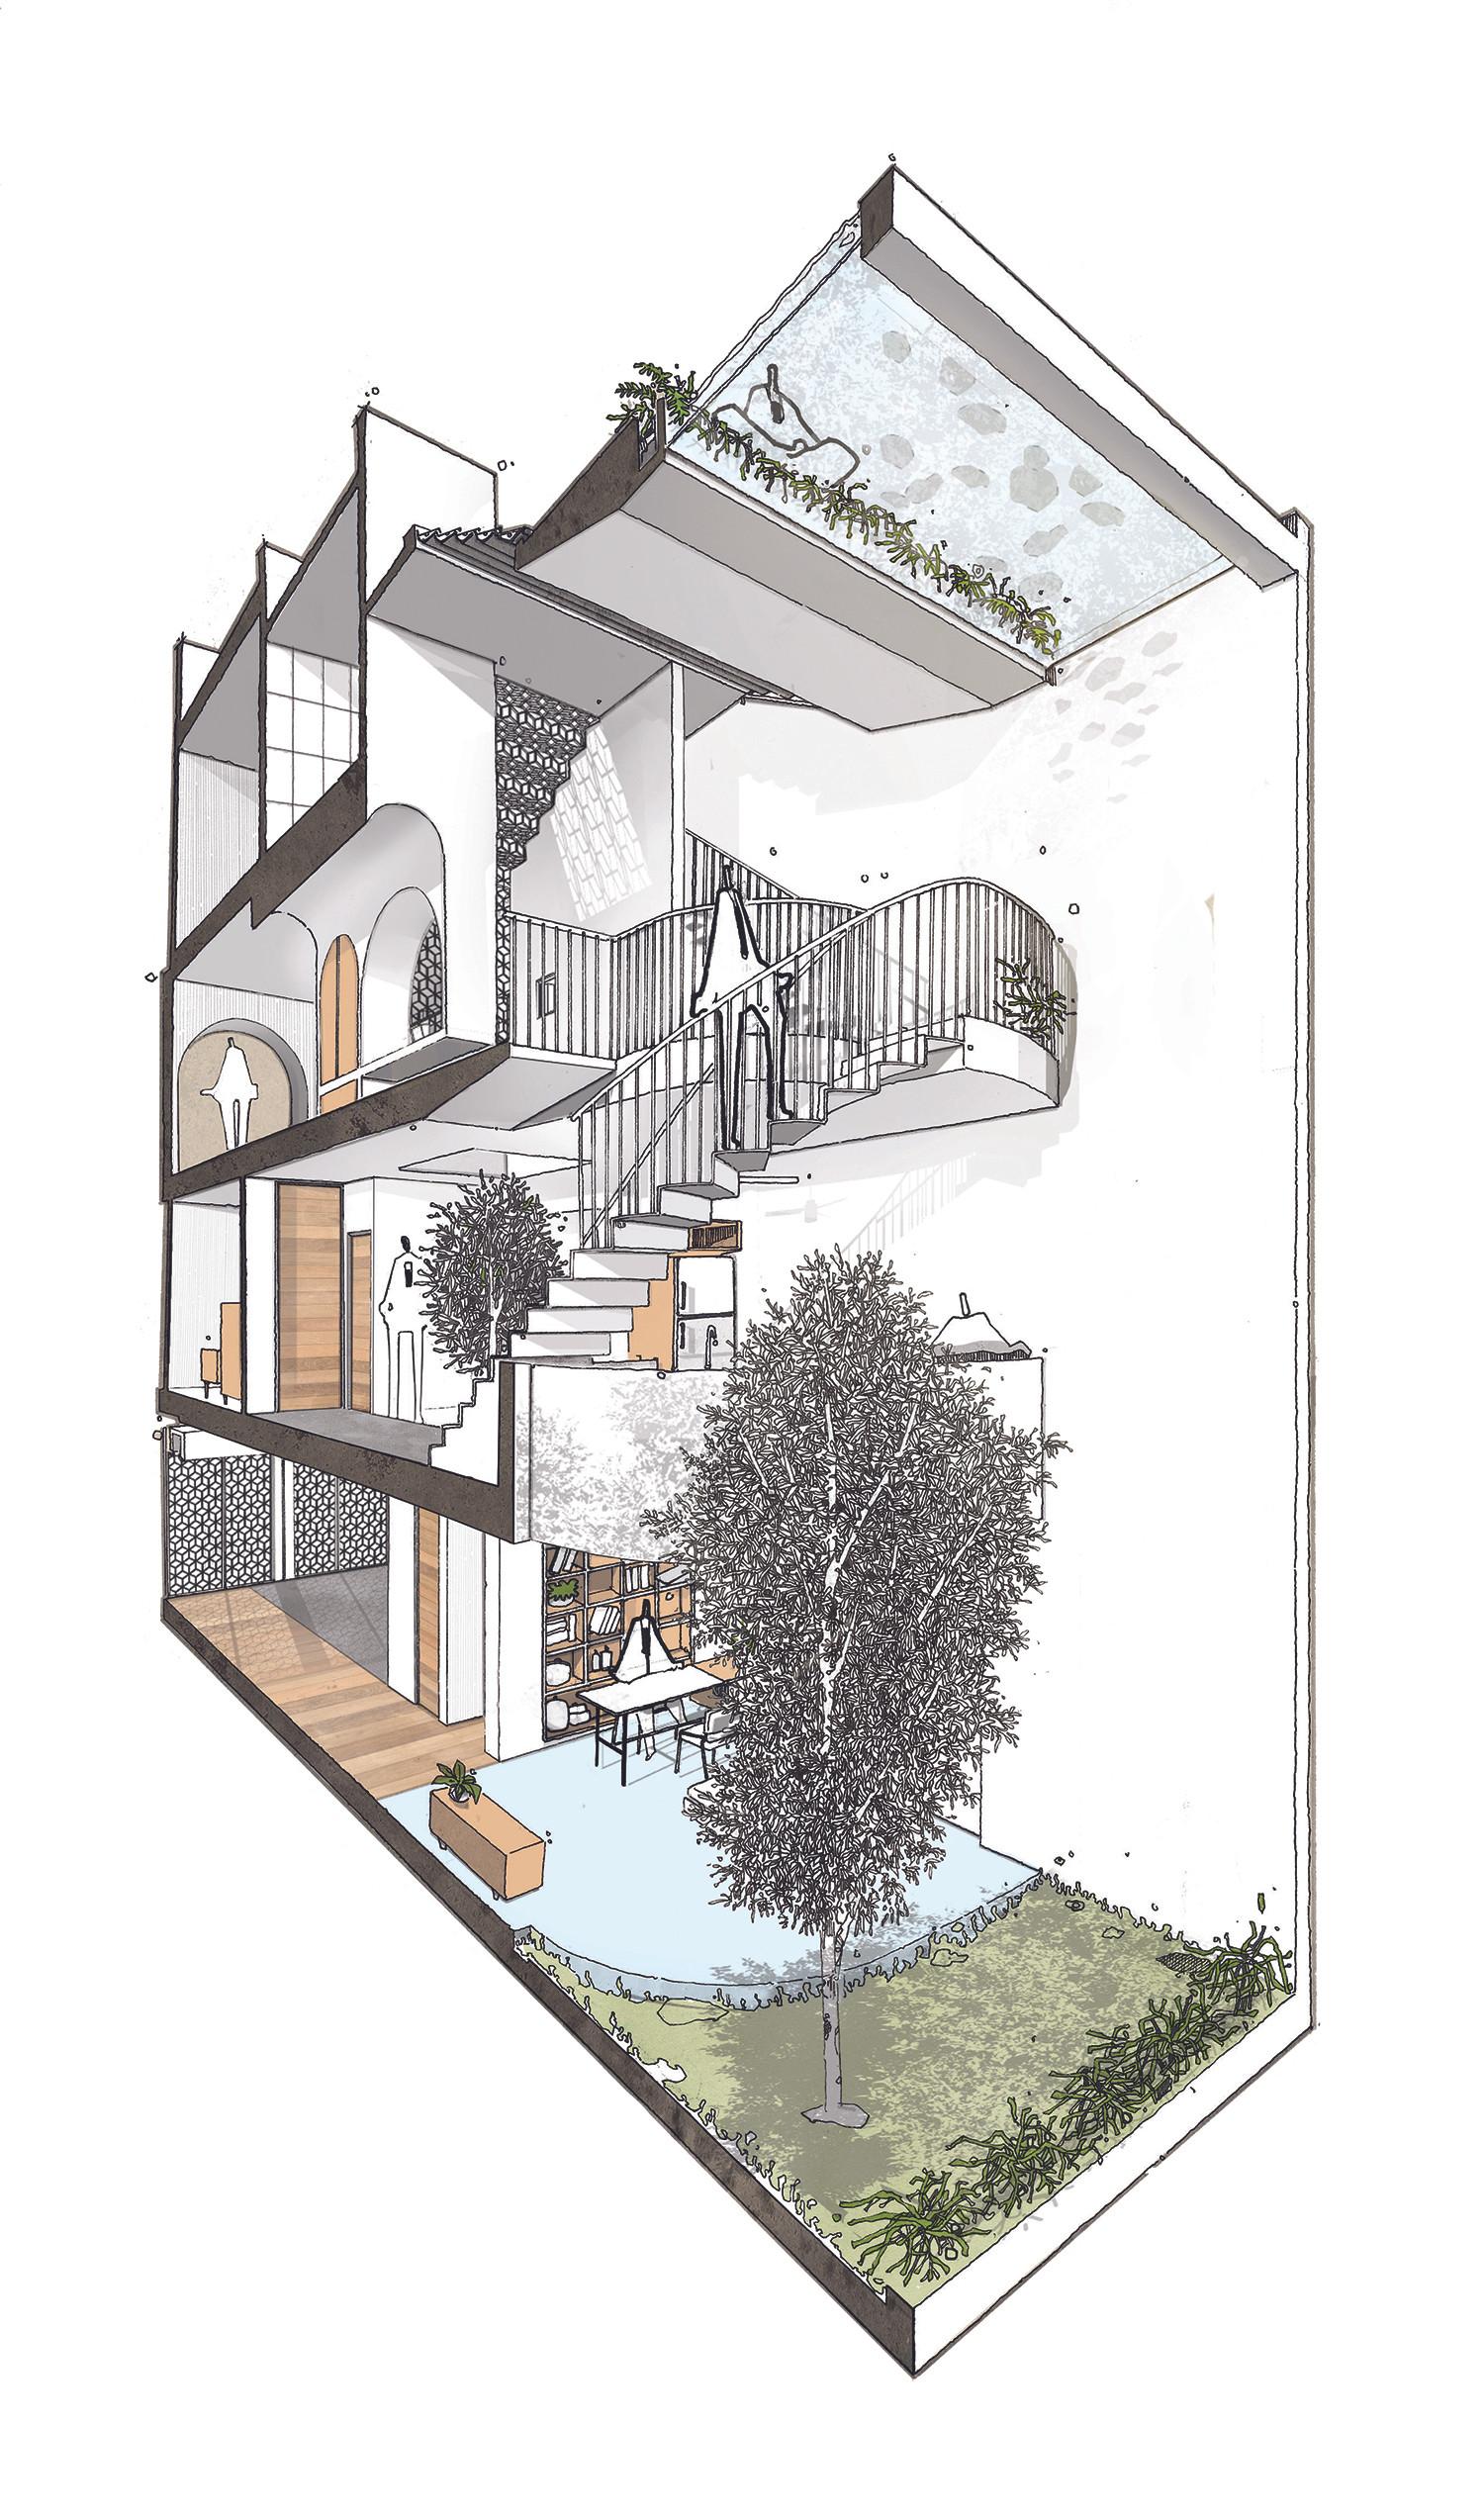 33.Sketch2.jpg